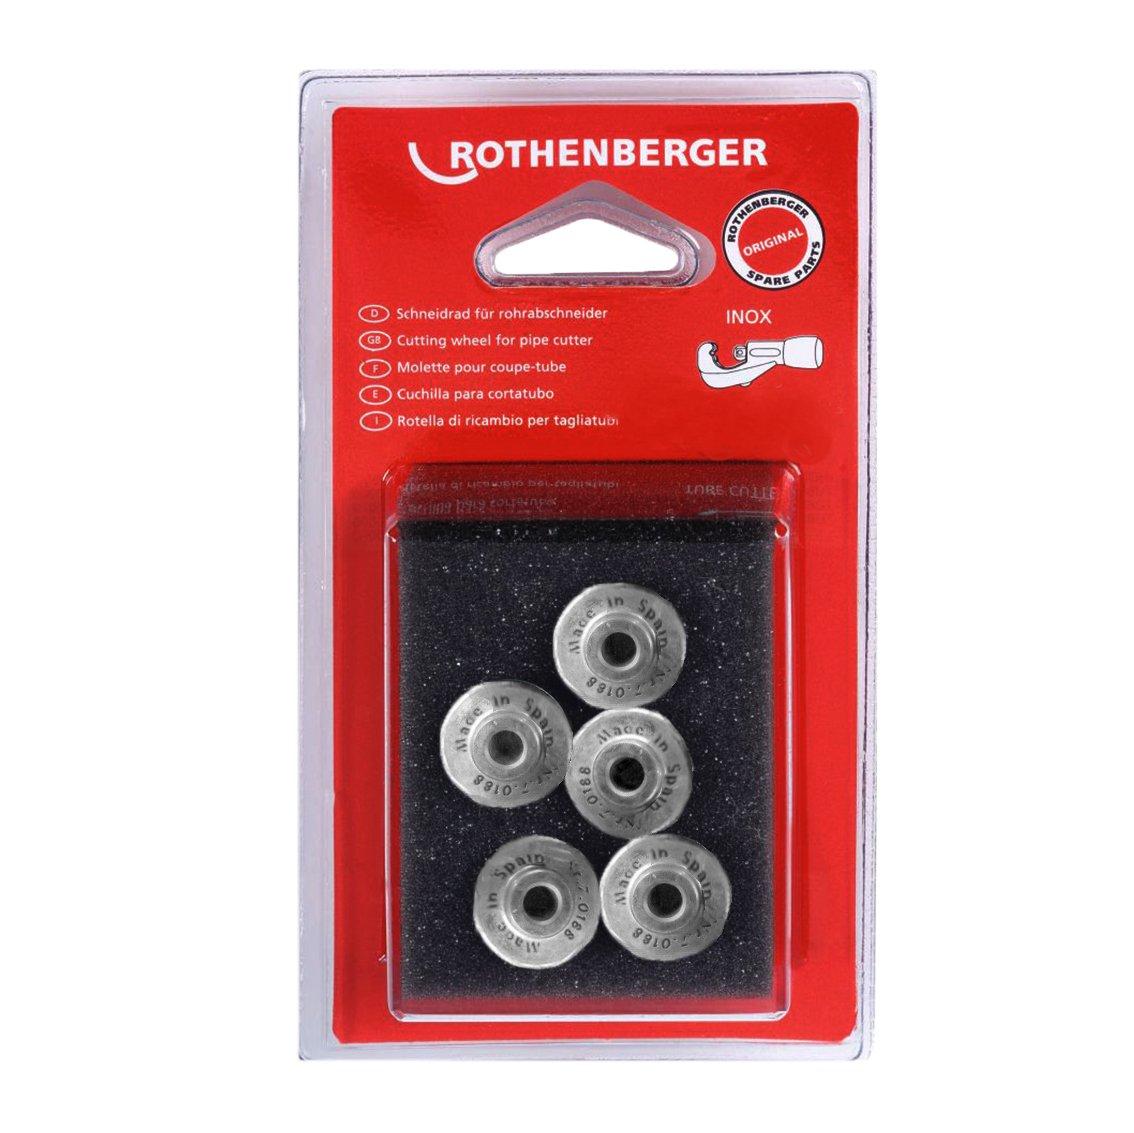 ROTHENBERGER 070188D 5 cuchillas 7350105 en display